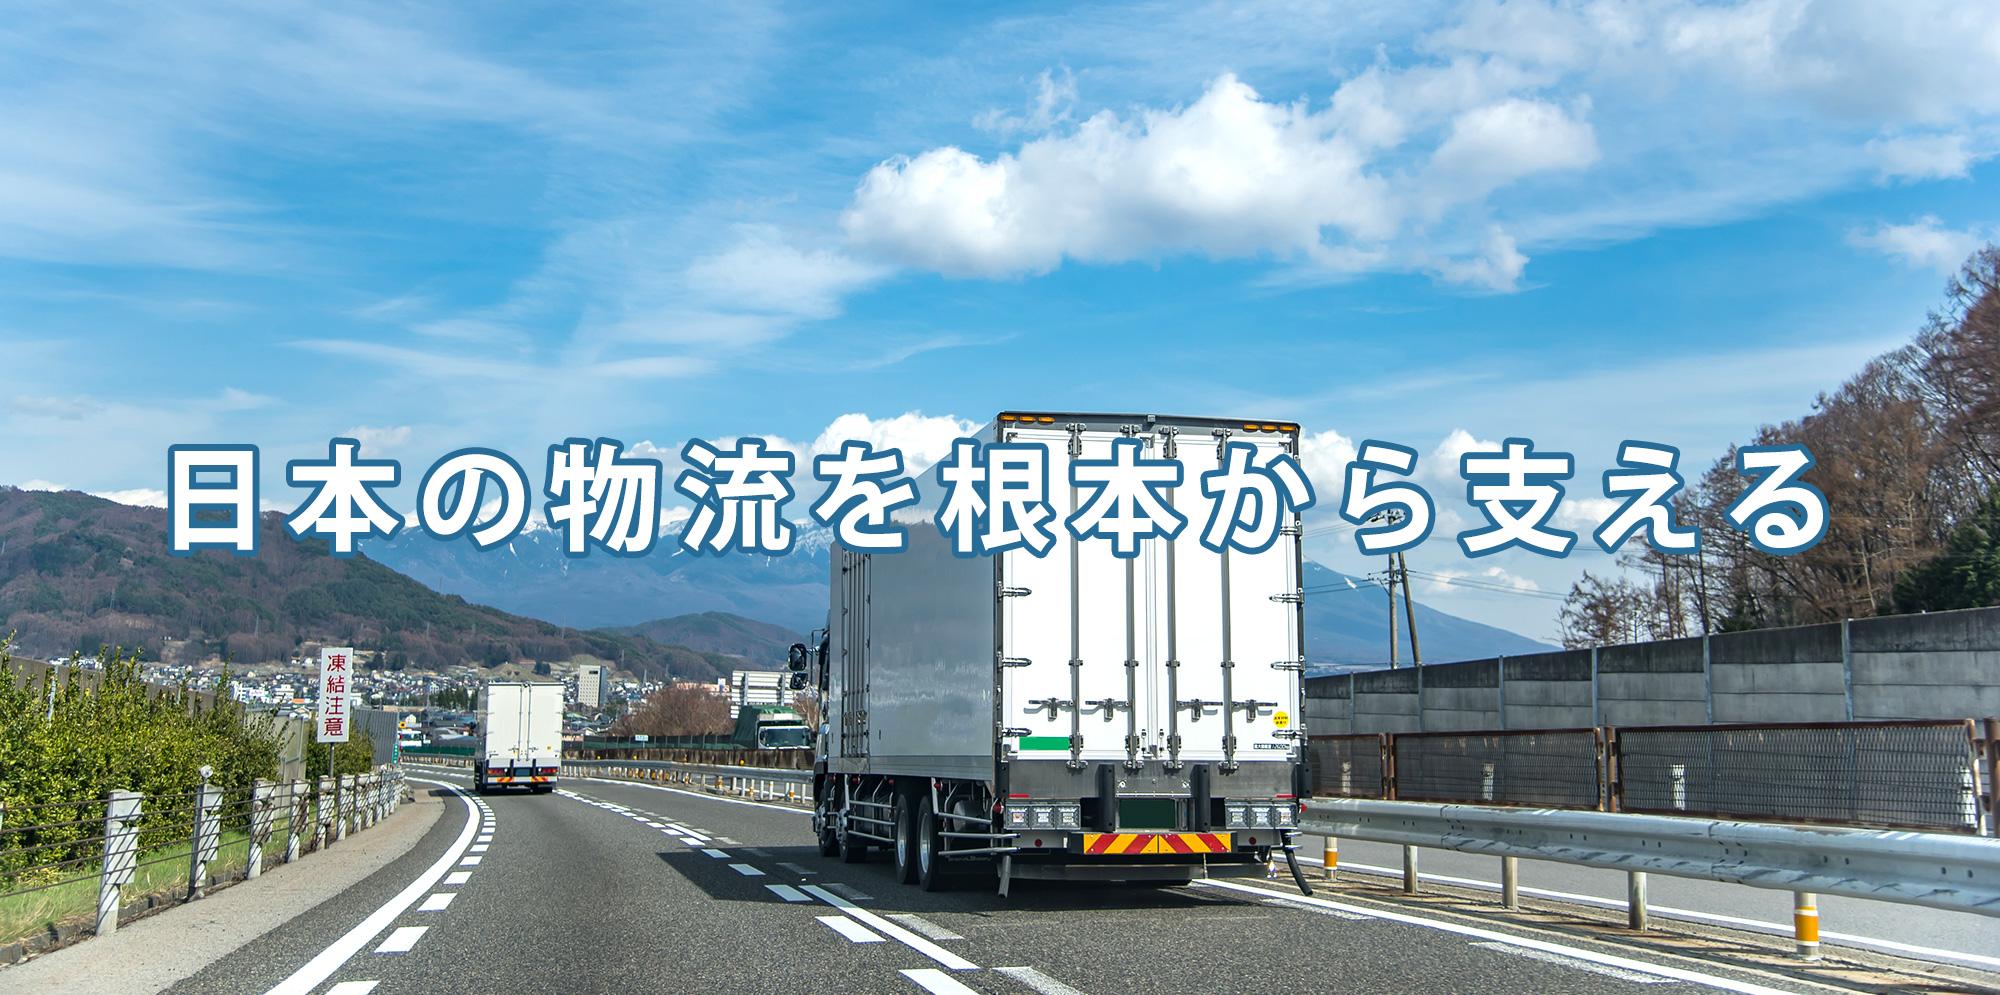 日本の物流を根本から支える